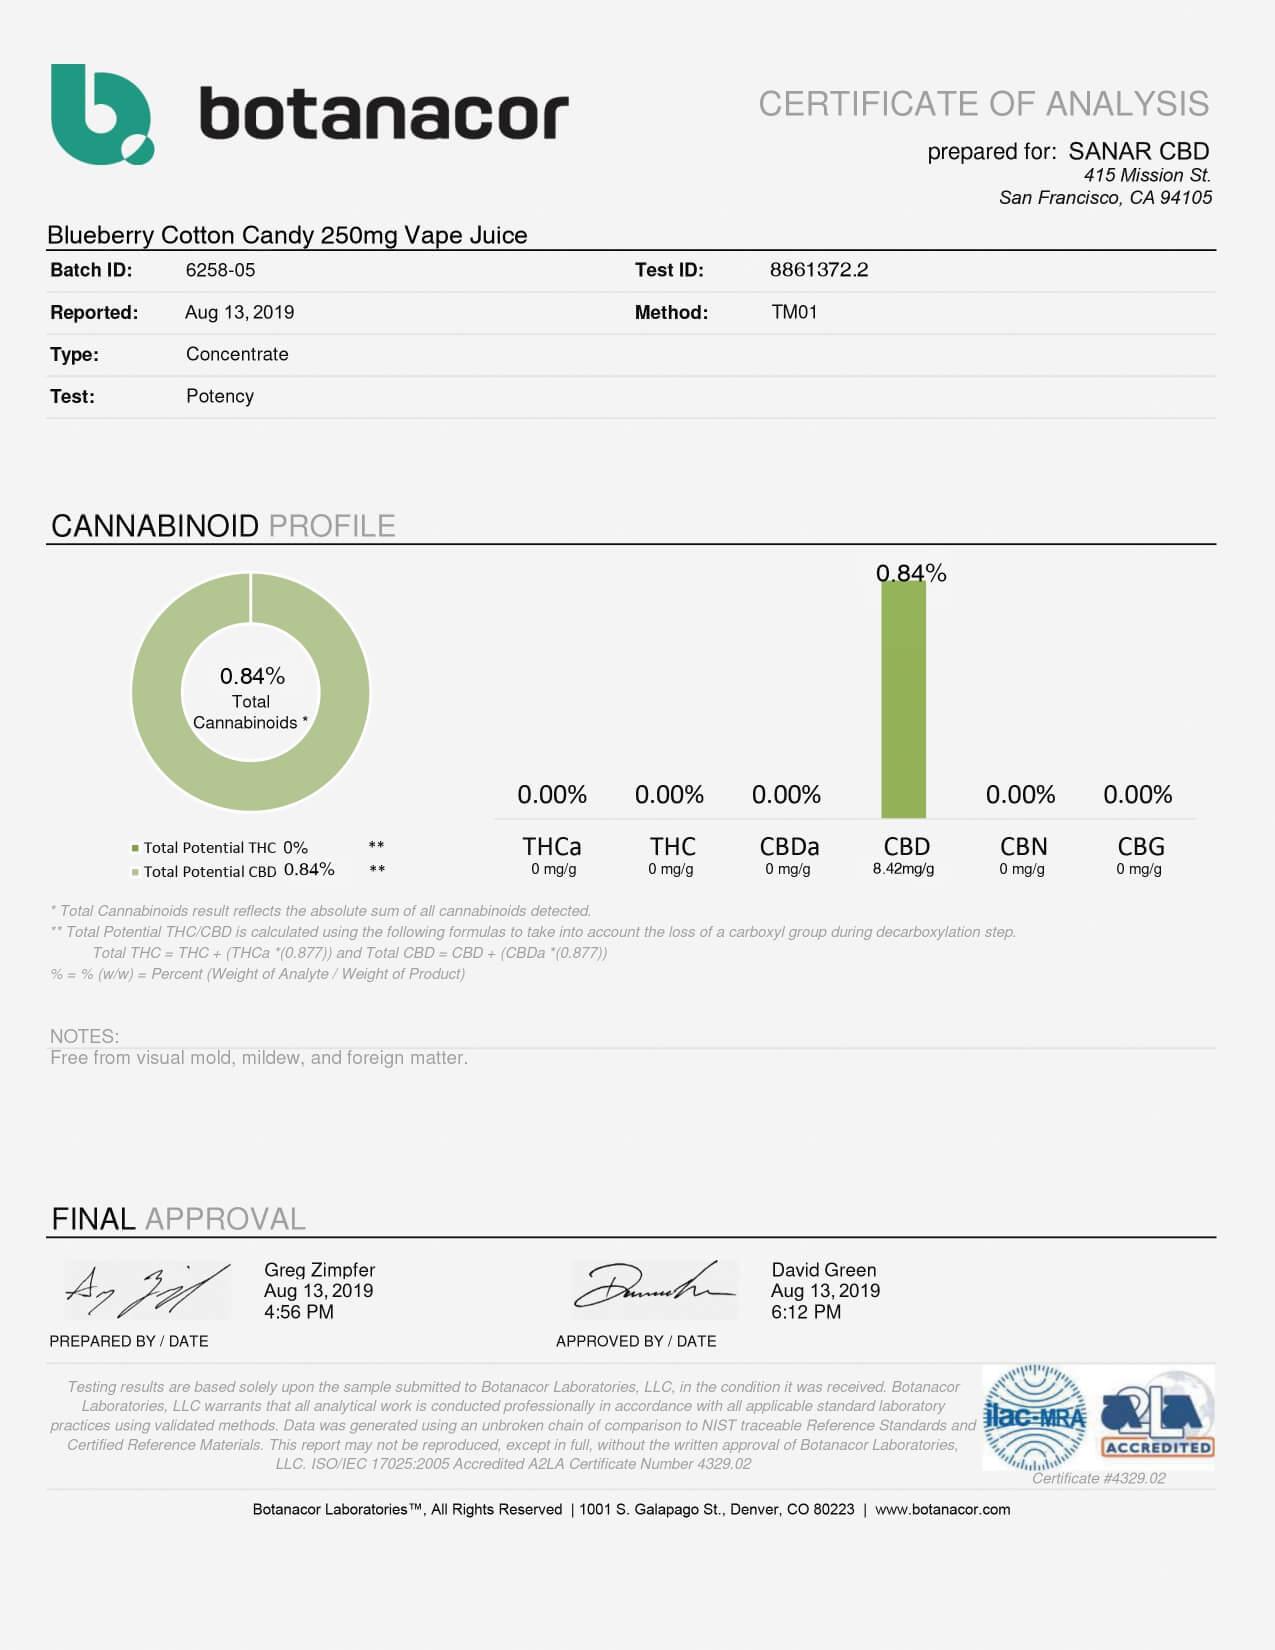 Sanar CBD Vape Juice Blueberry Cotton Candy 250mg Lab Report